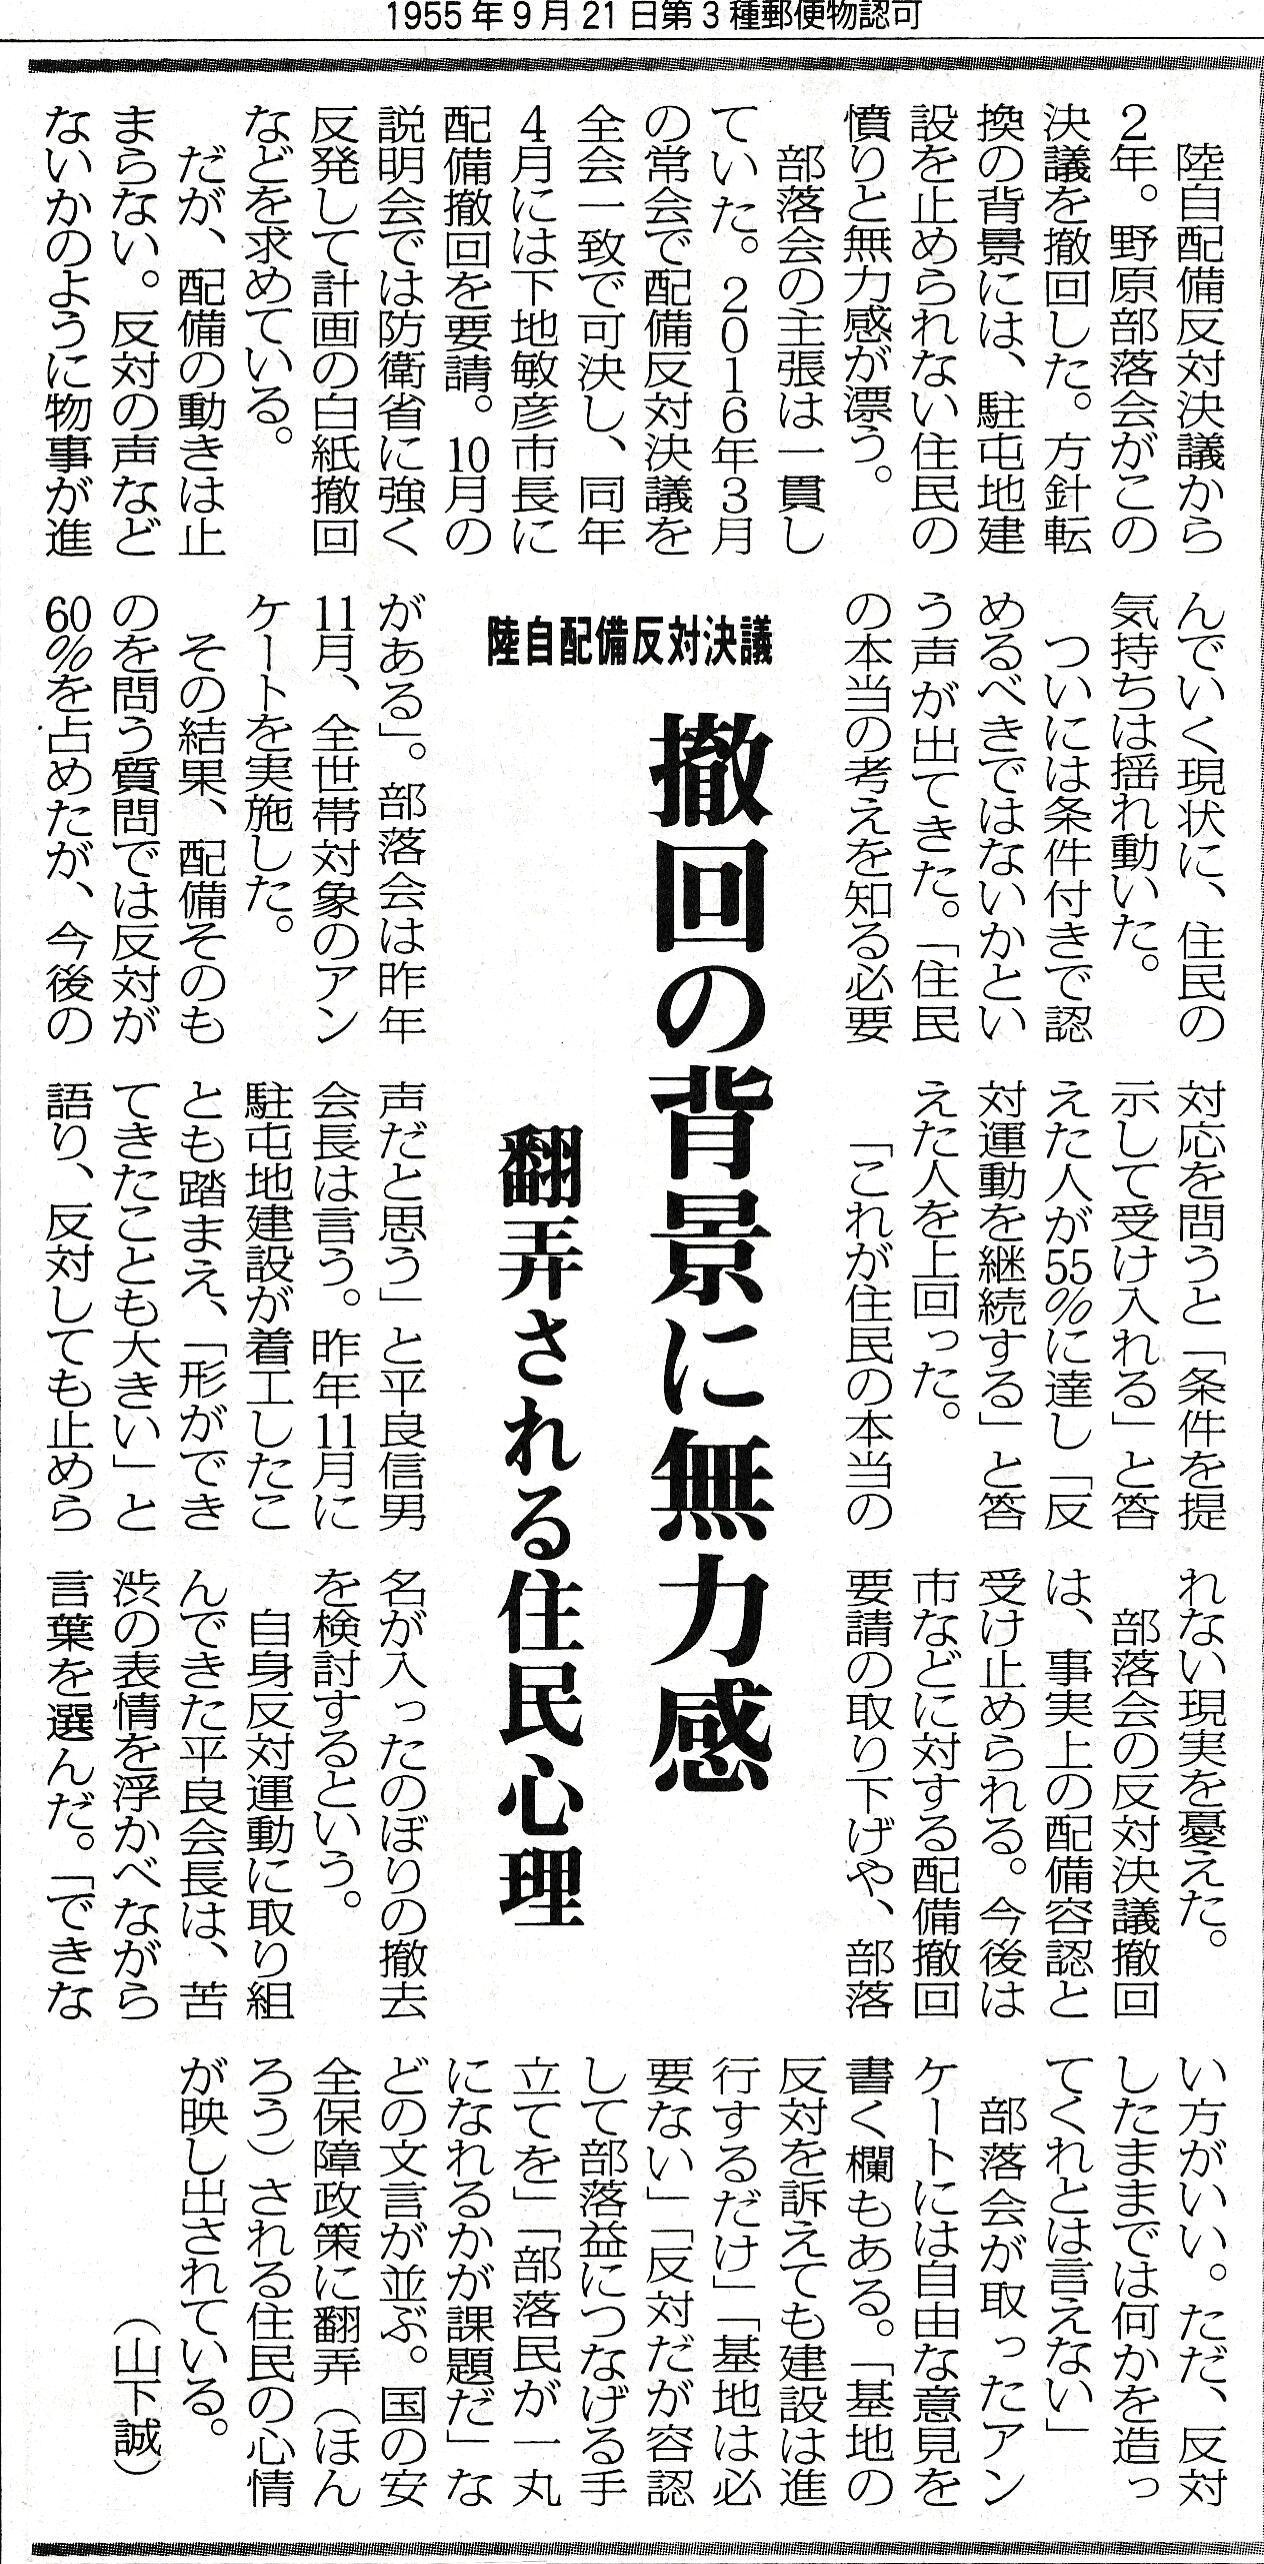 miyakomainichi2018 04012